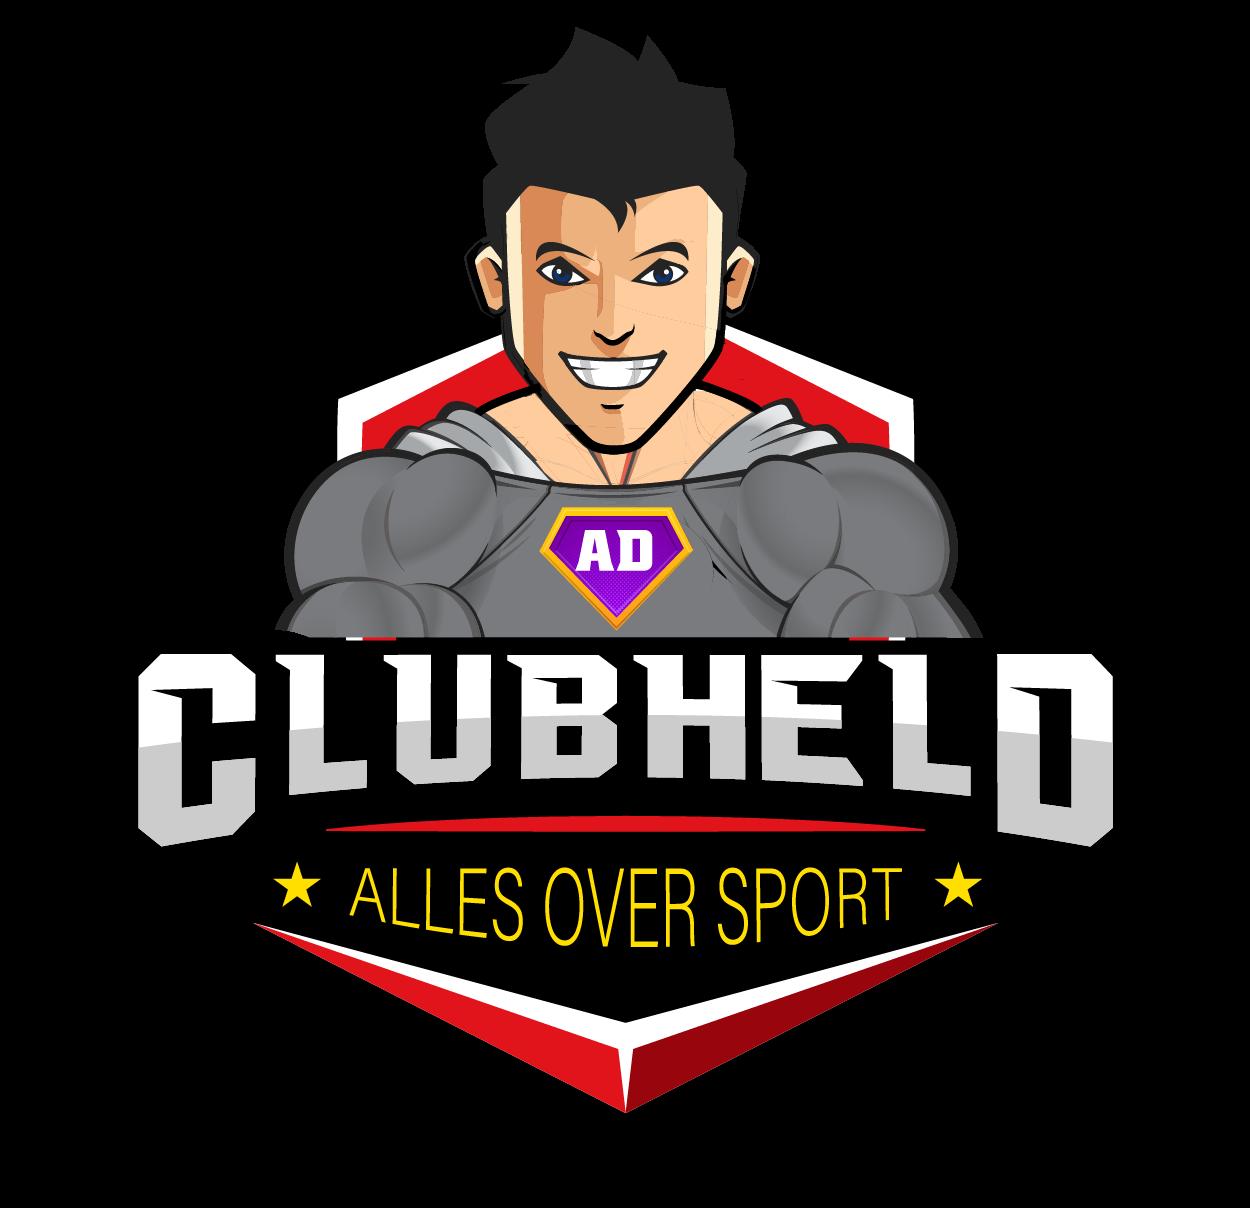 Adje Clubheld